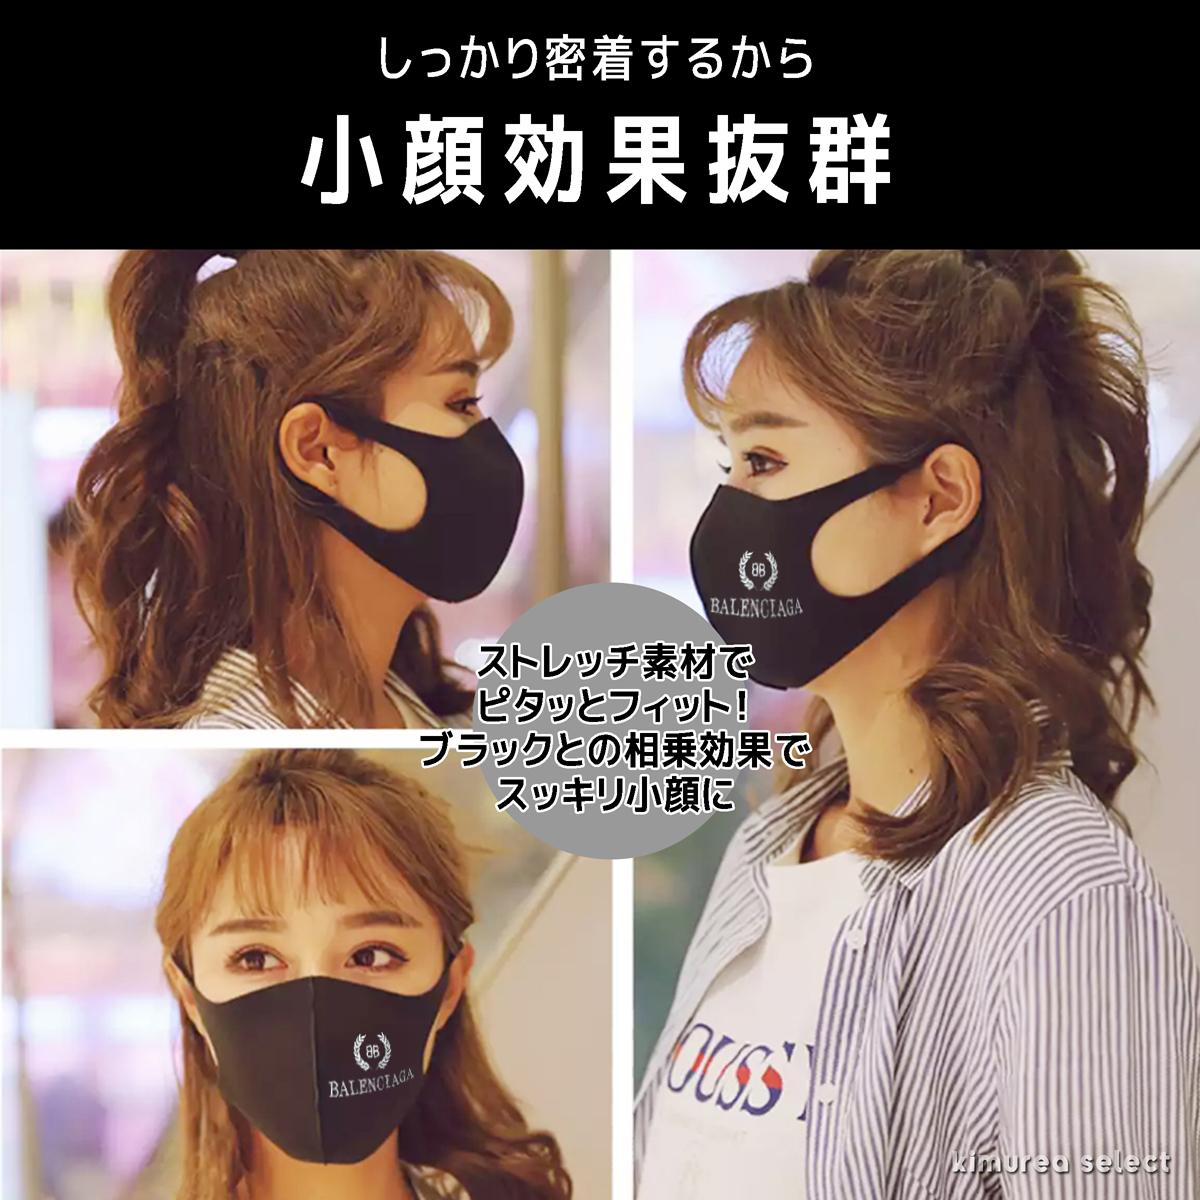 Balenciaga/バレンシアガ3D立体マスクブランド男女兼用布マスク